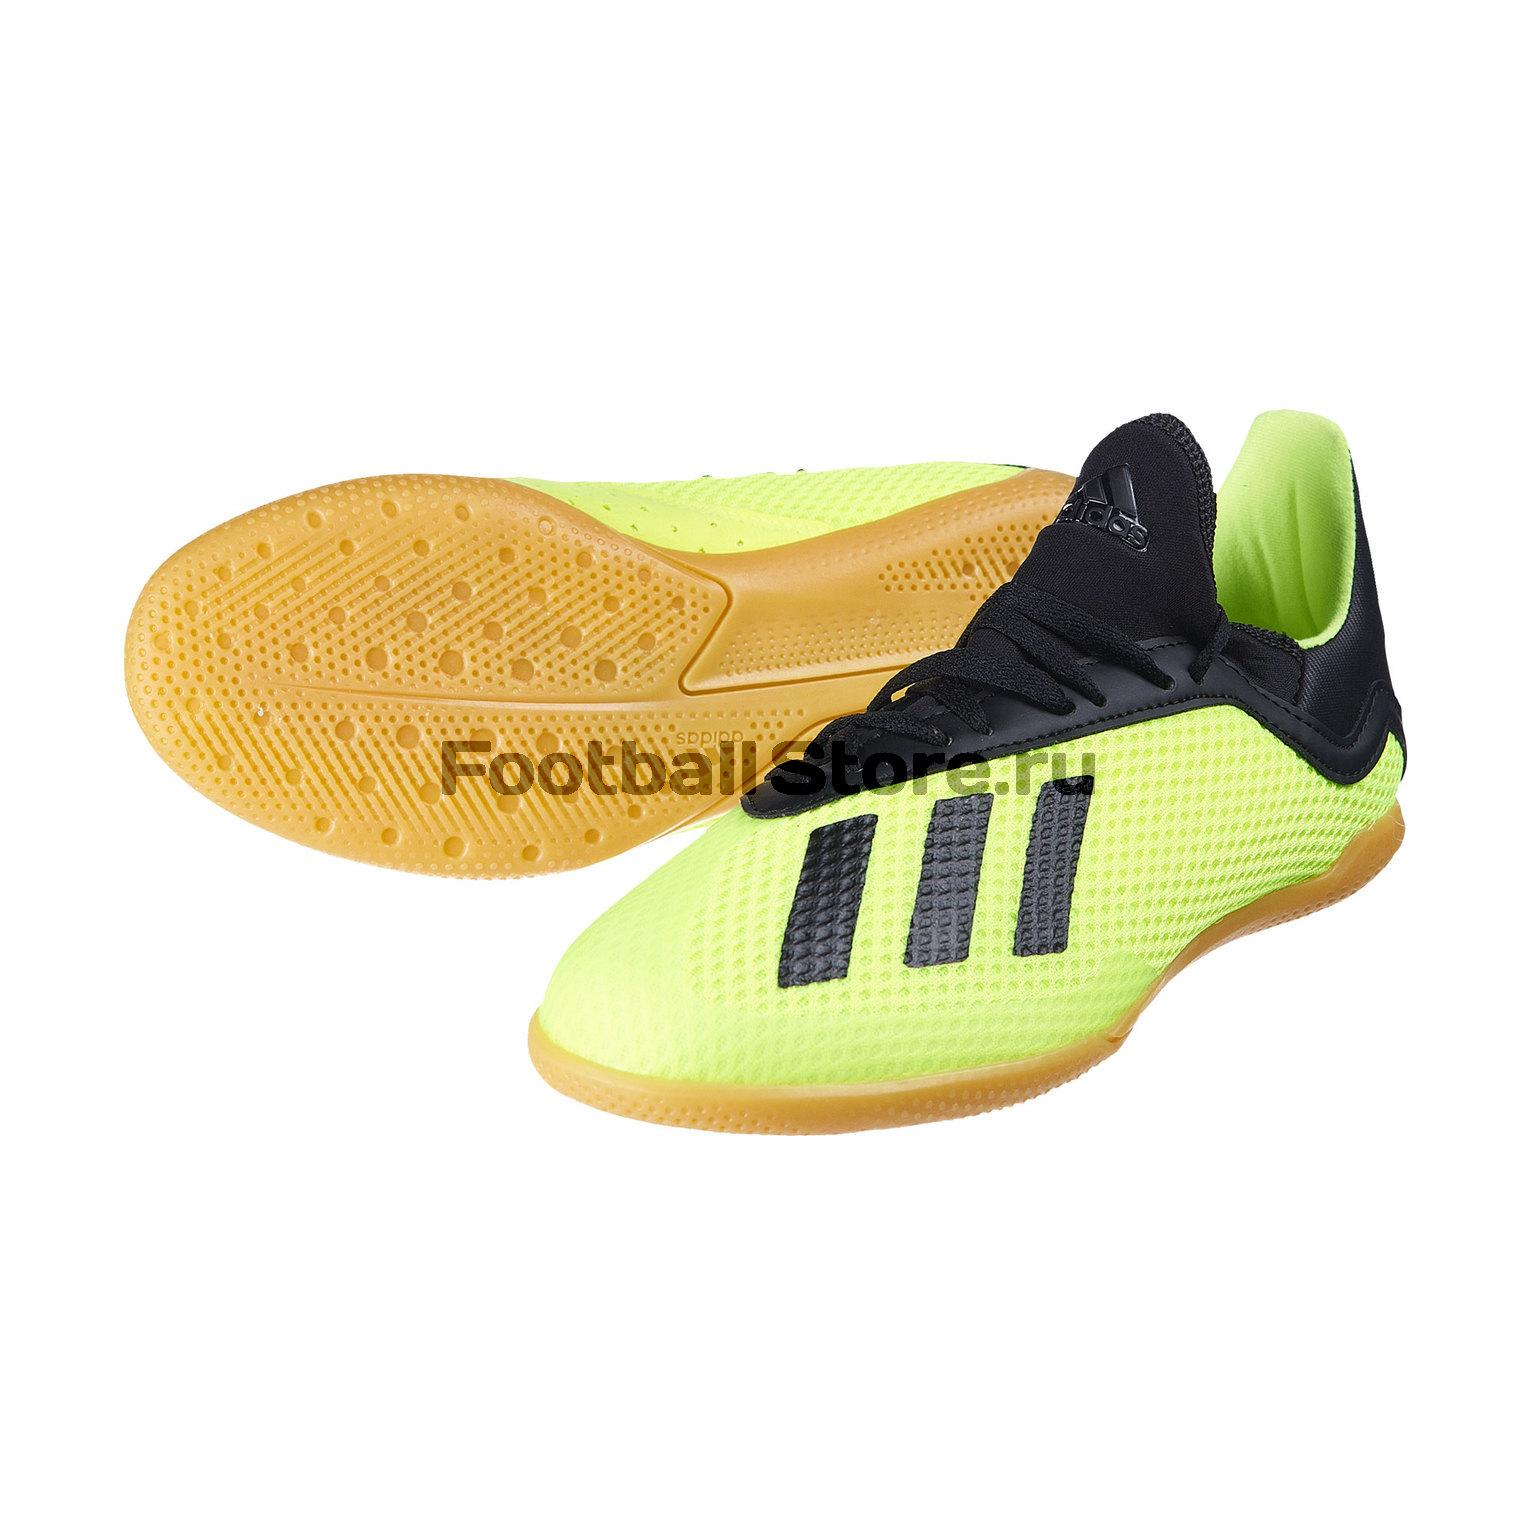 Футзалки детские Adidas X Tango 18.3 IN DB2426 футзалки детские adidas copa  tango 18 4 in e81bf3bb064